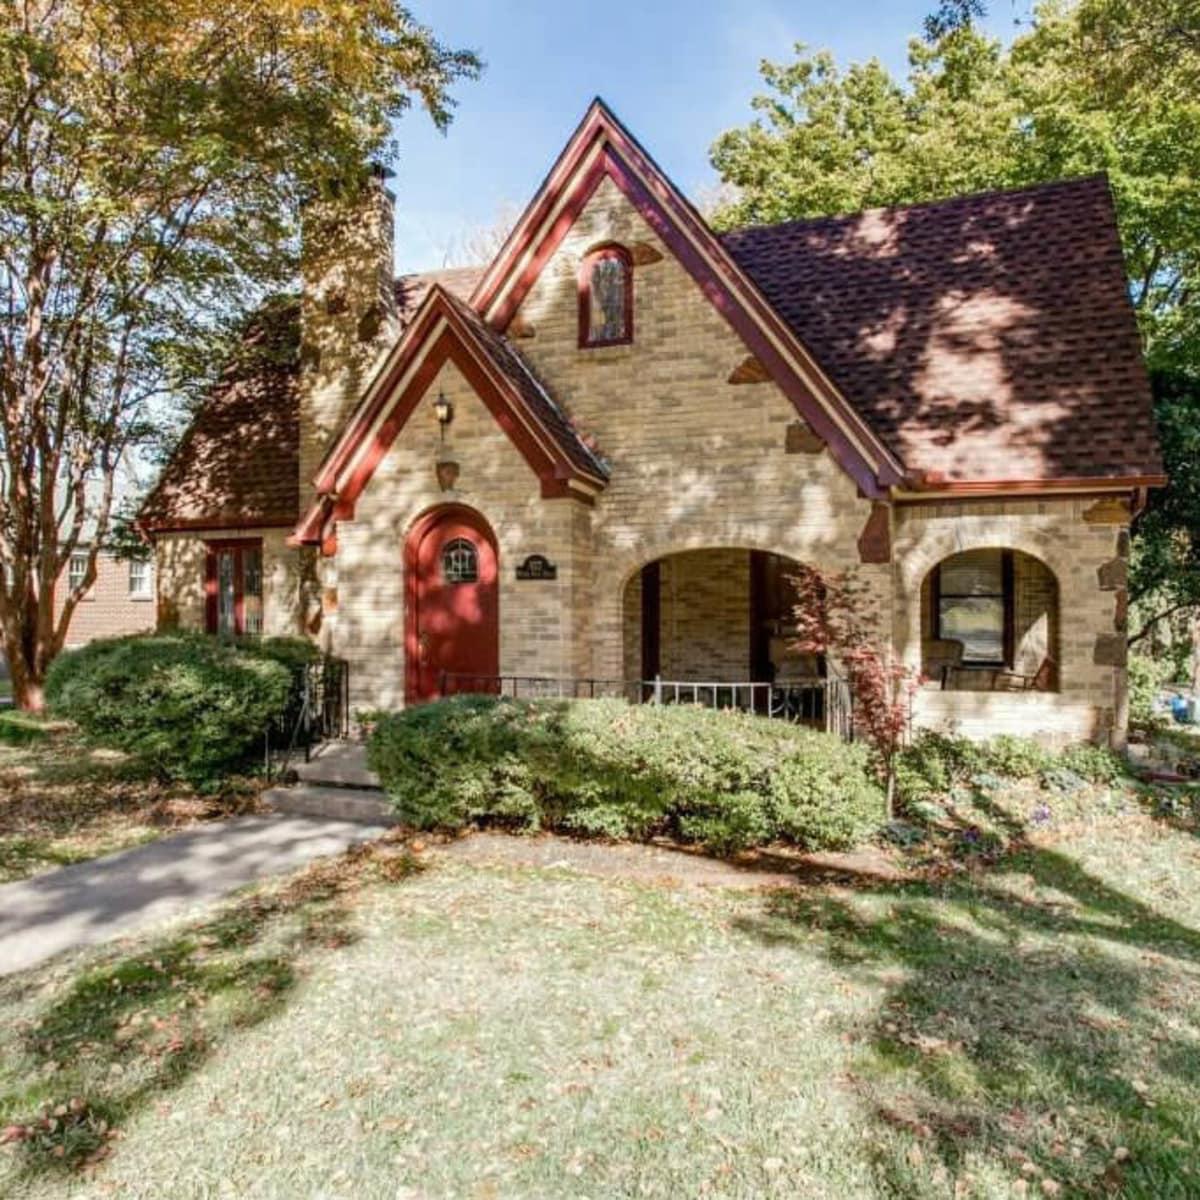 522 Monte Vista house for sale Dallas